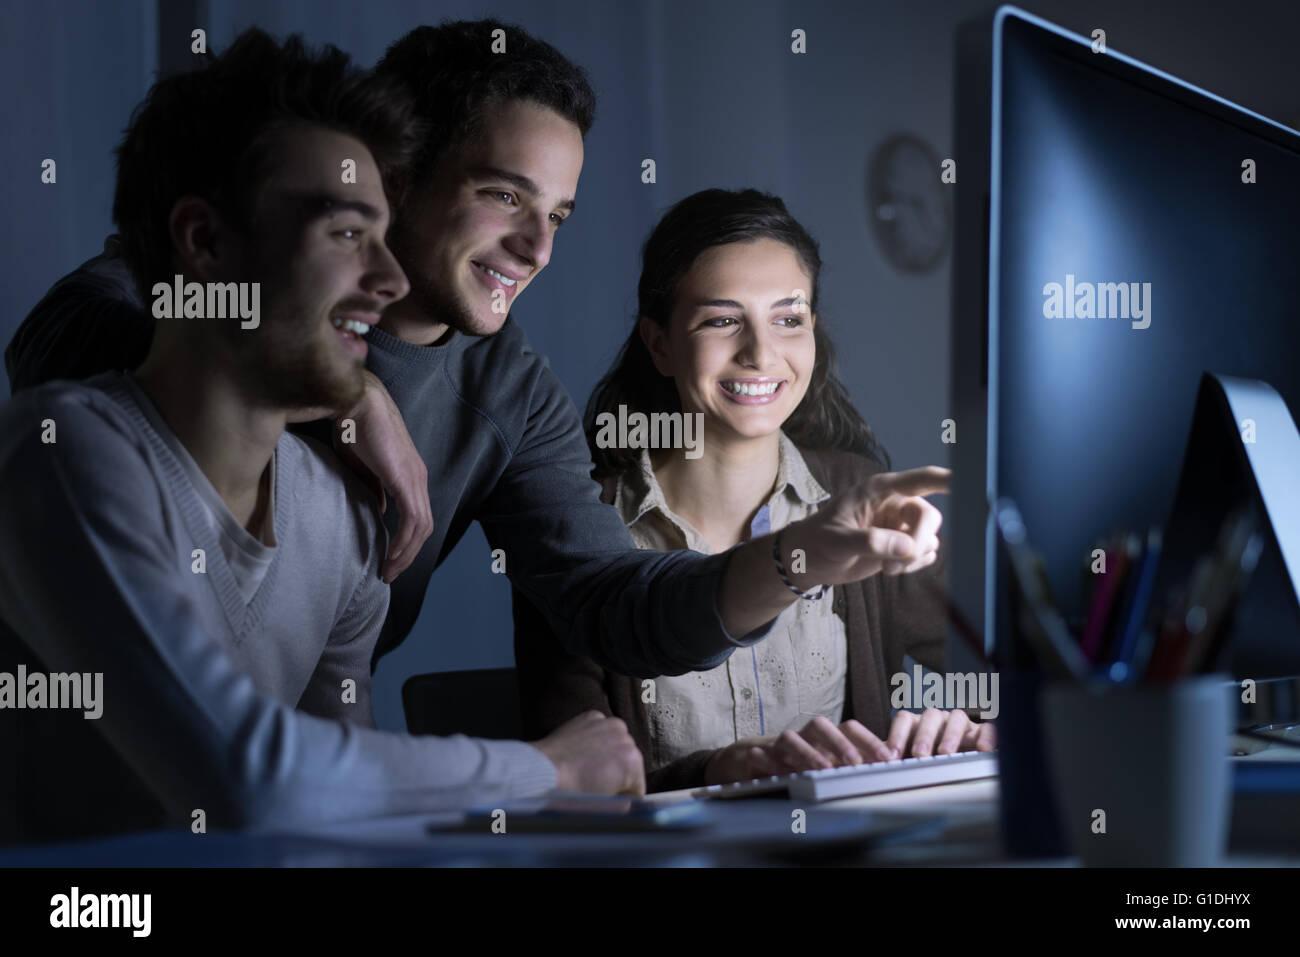 Smiling students connexion à internet avec un ordinateur, ils sont la mise en réseau et de consultation Photo Stock